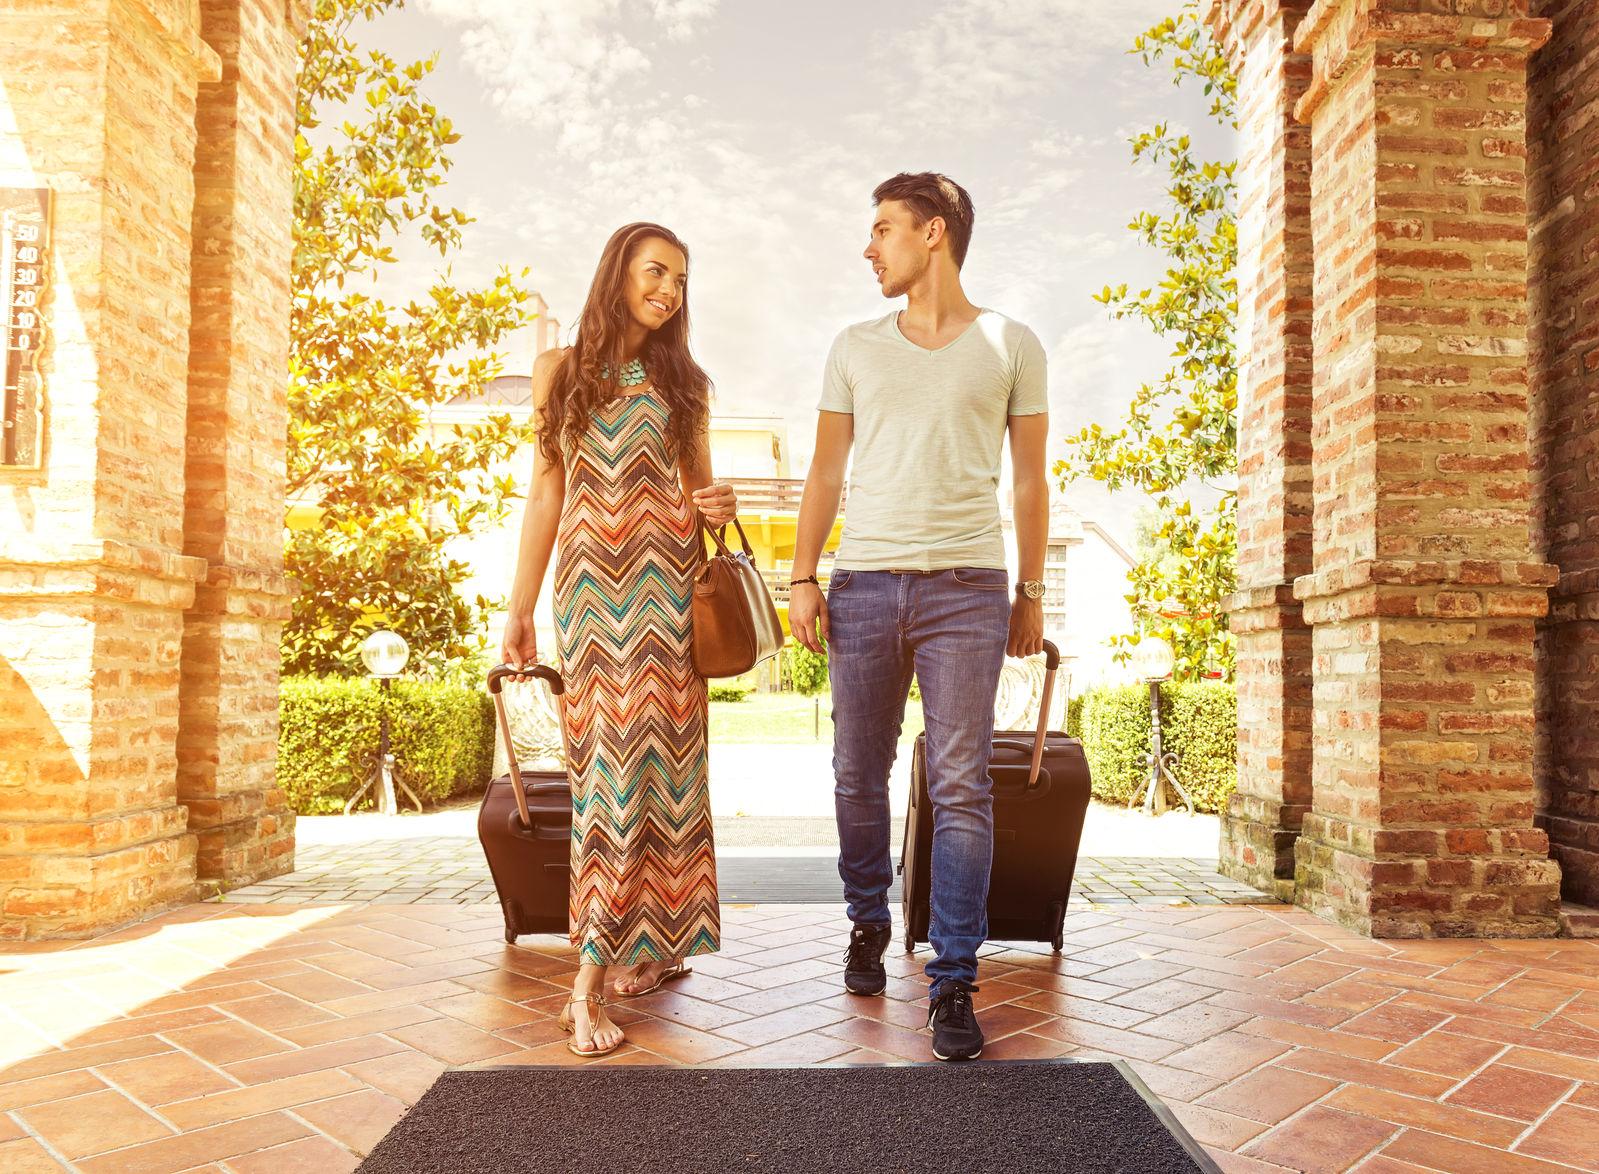 צימר רומנטי לזוגות בדרום